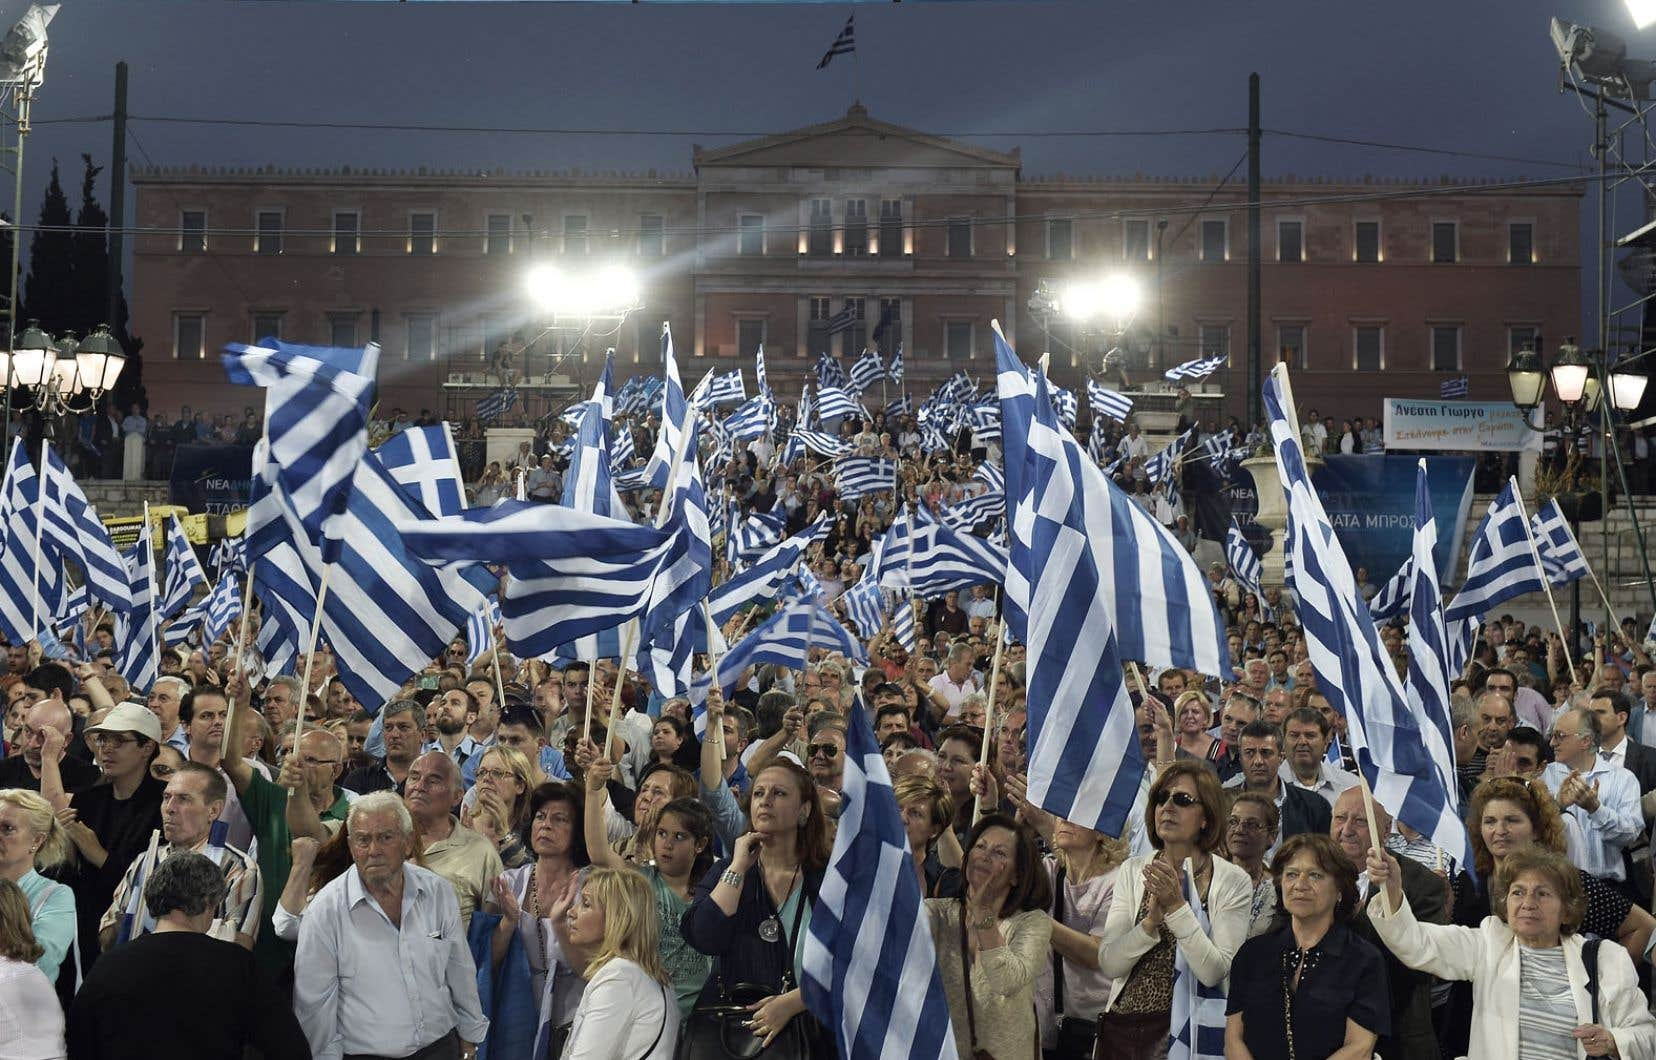 L'euro peut être considérée comme une «création fédérale», mais les pays riches ne veulent pas que les dettes y soient fédérées. L'Allemagne, par exemple, ne veut pas payer pour la Grèce qui est en difficulté financière. Ci-dessus, des partisans du parti conservateur Nouvelle démocratie réunis à Athènes, vendredi.